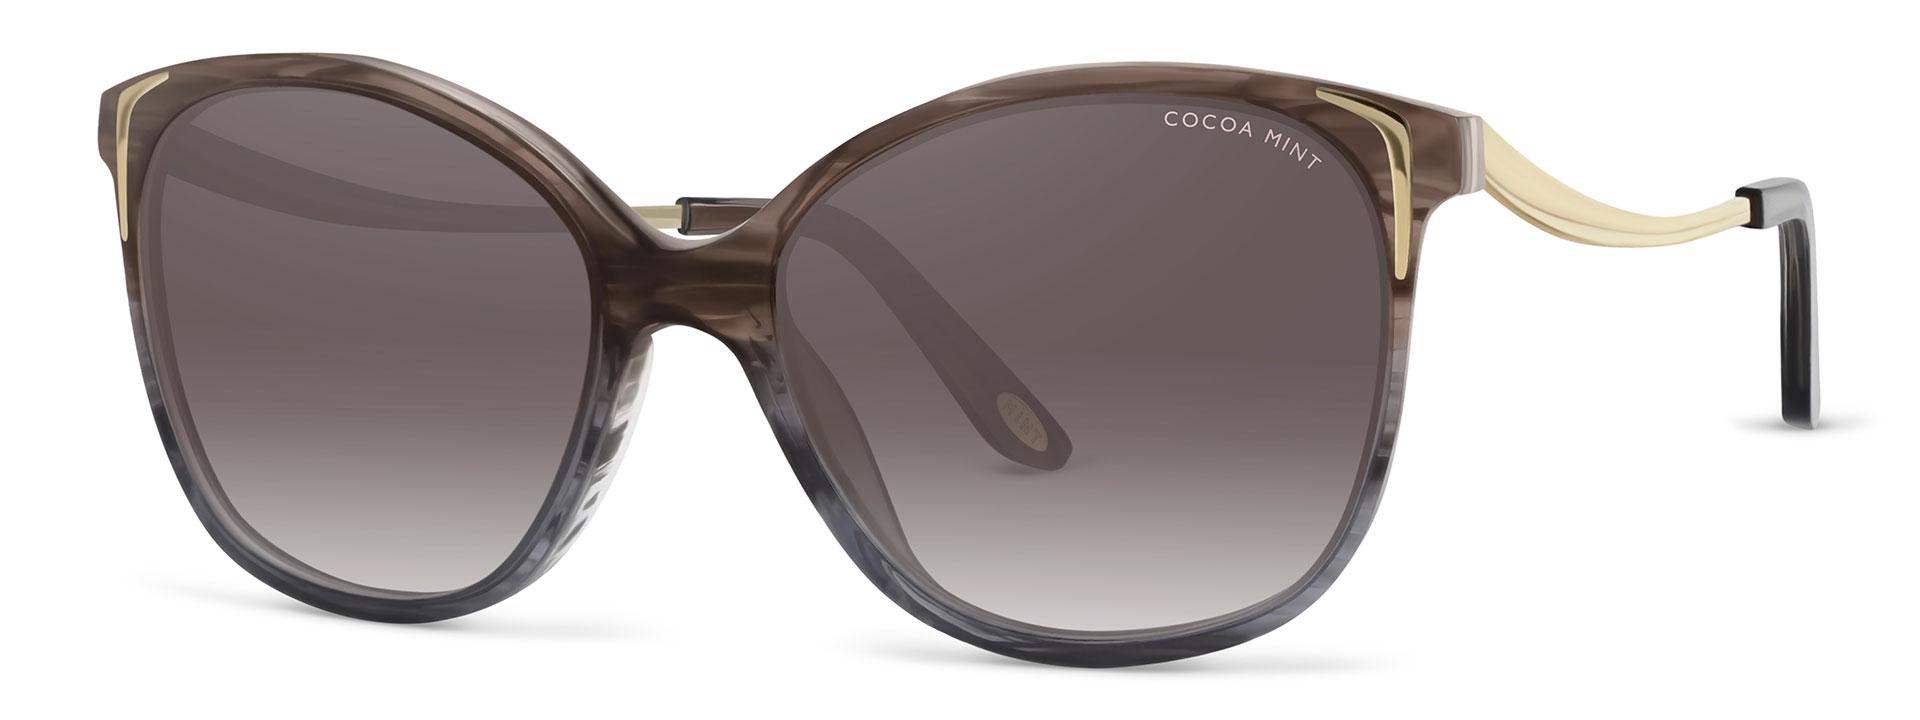 Cocoa Mint Sun Glasses - Brown Ombre - CMS2068-C1